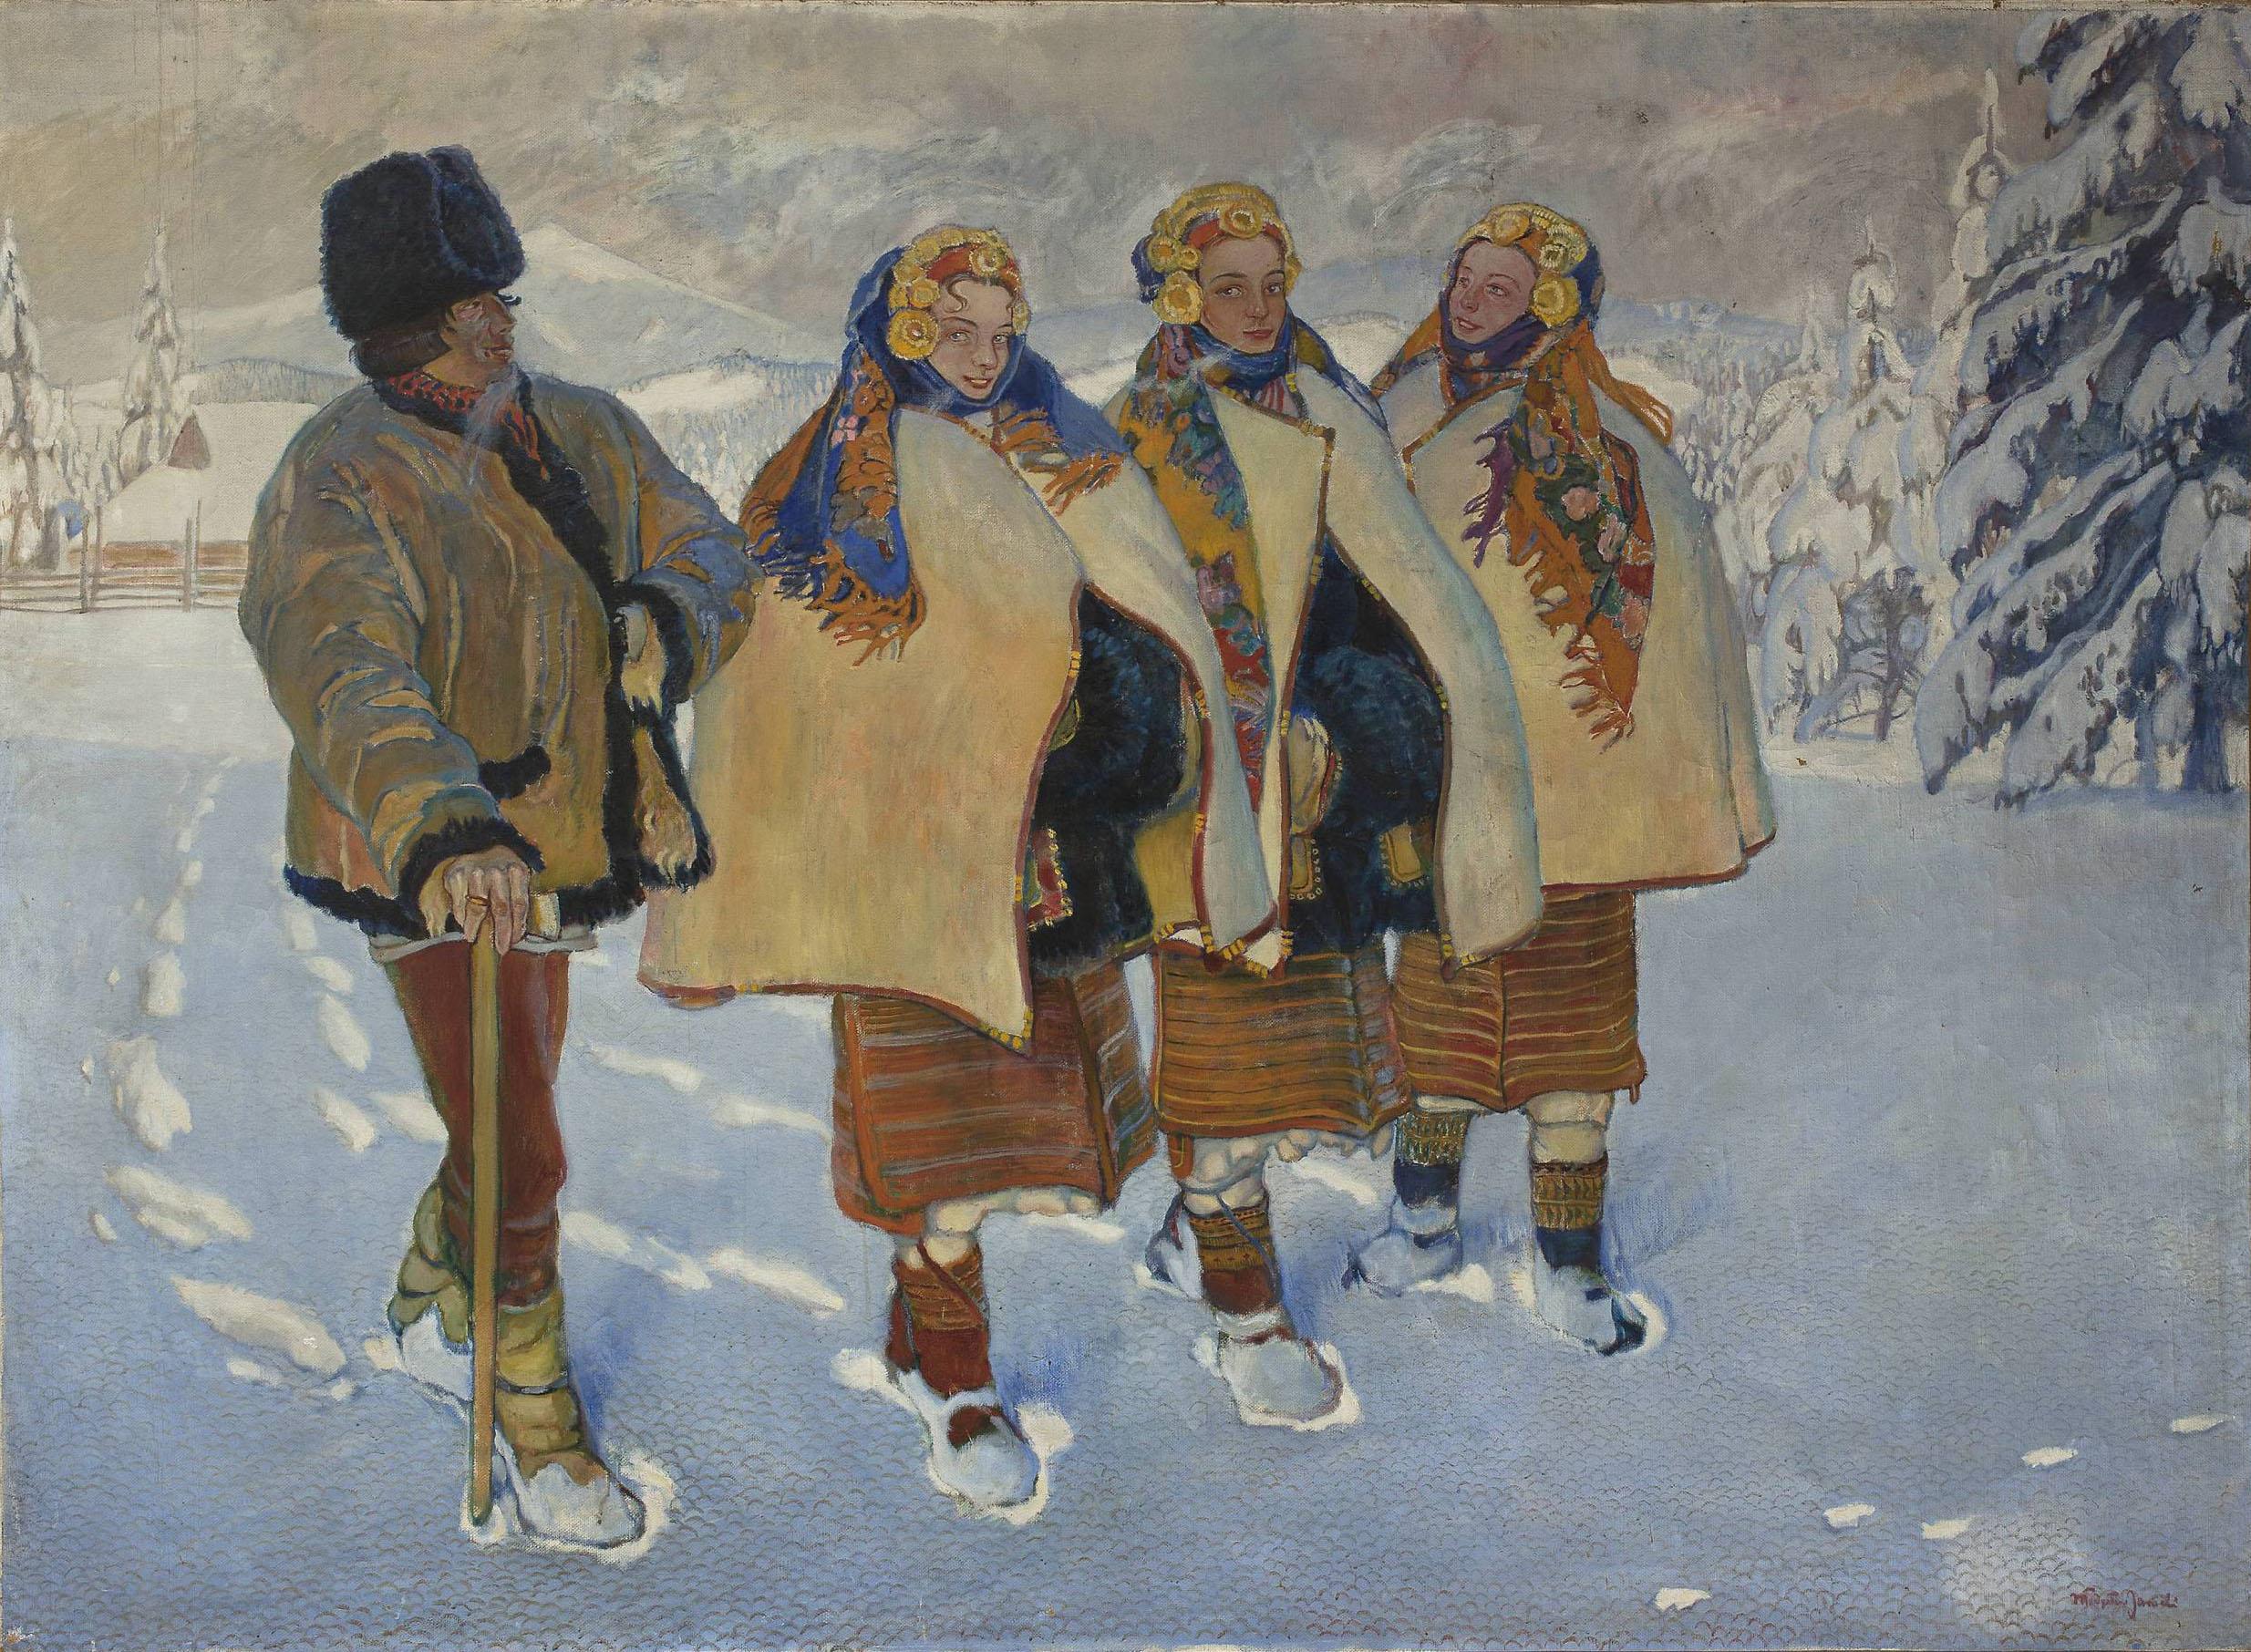 """Władysław Jarocki (1879-1965) """"Huculi w Karpatach"""", 1910 rok, źródło: Muzeum Narodowe w Warszawie"""